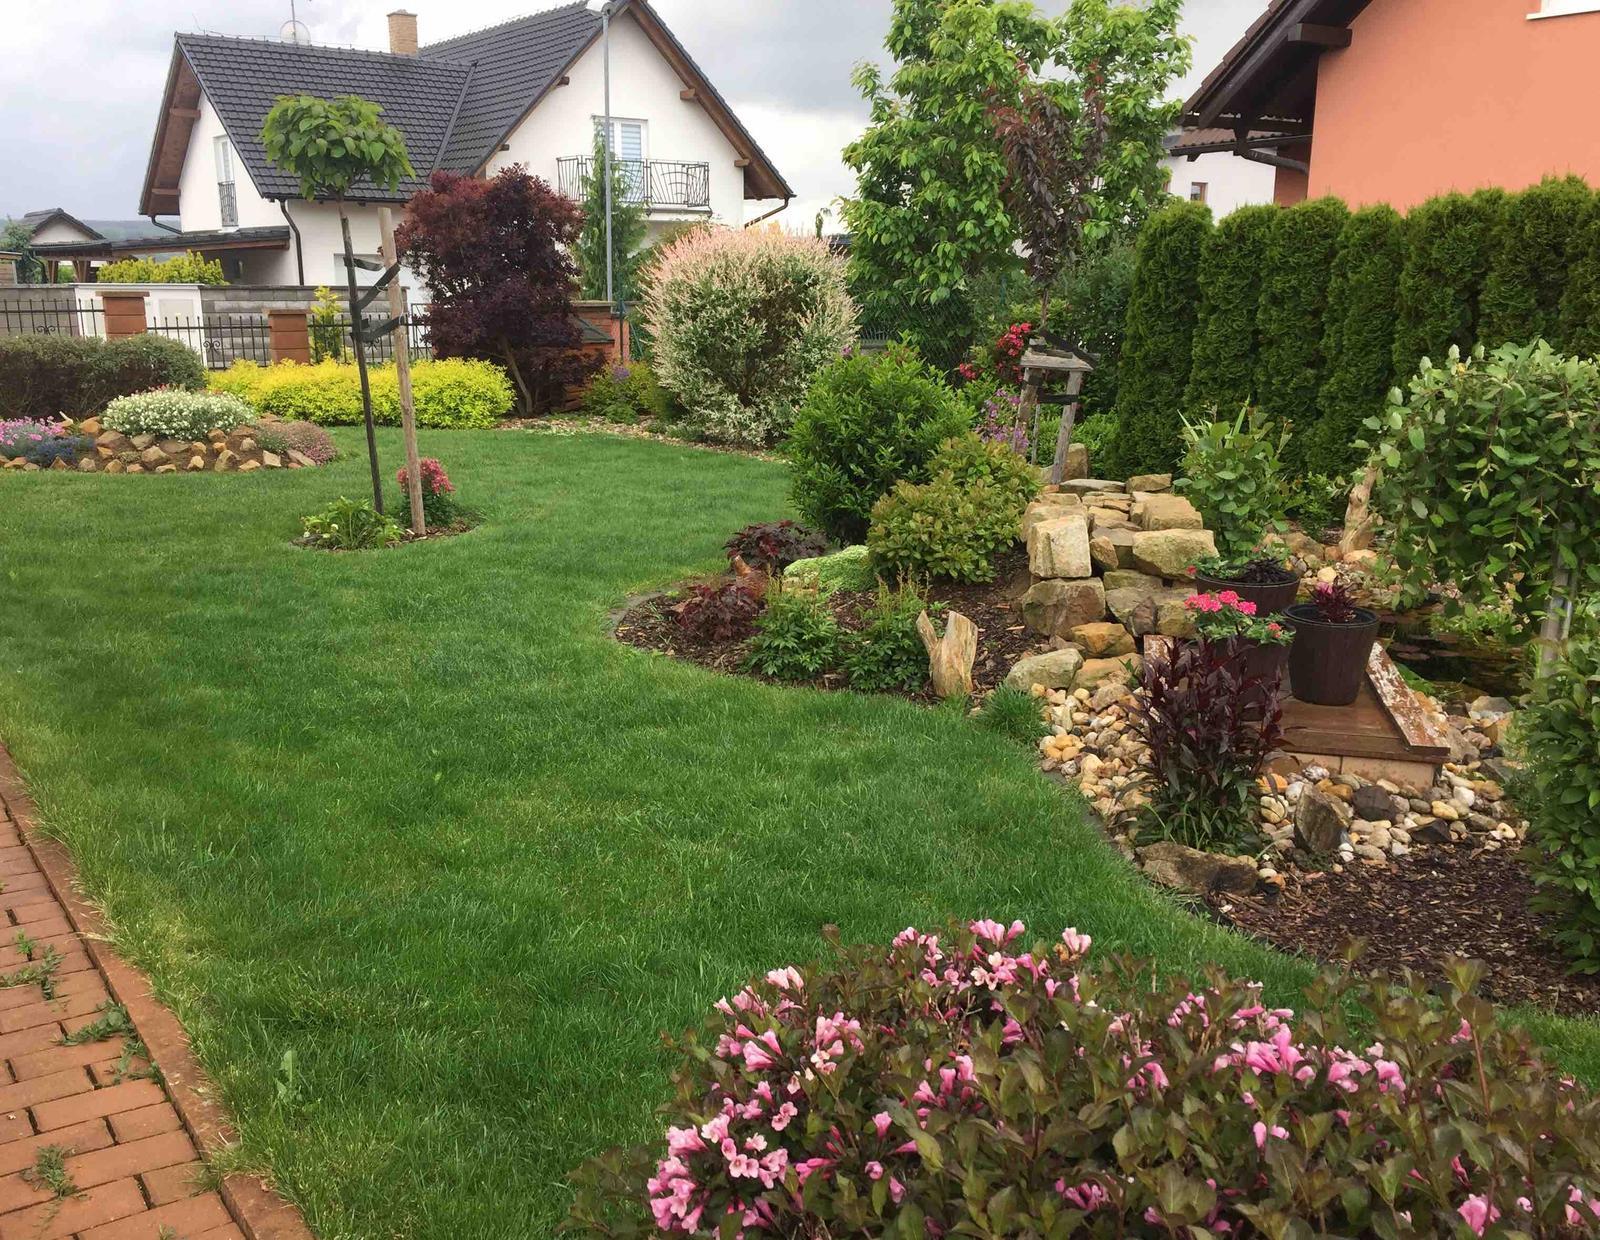 Naše barevná zahrada 🌸 - Zahrada po dešti-tráva roste před očima 🤗